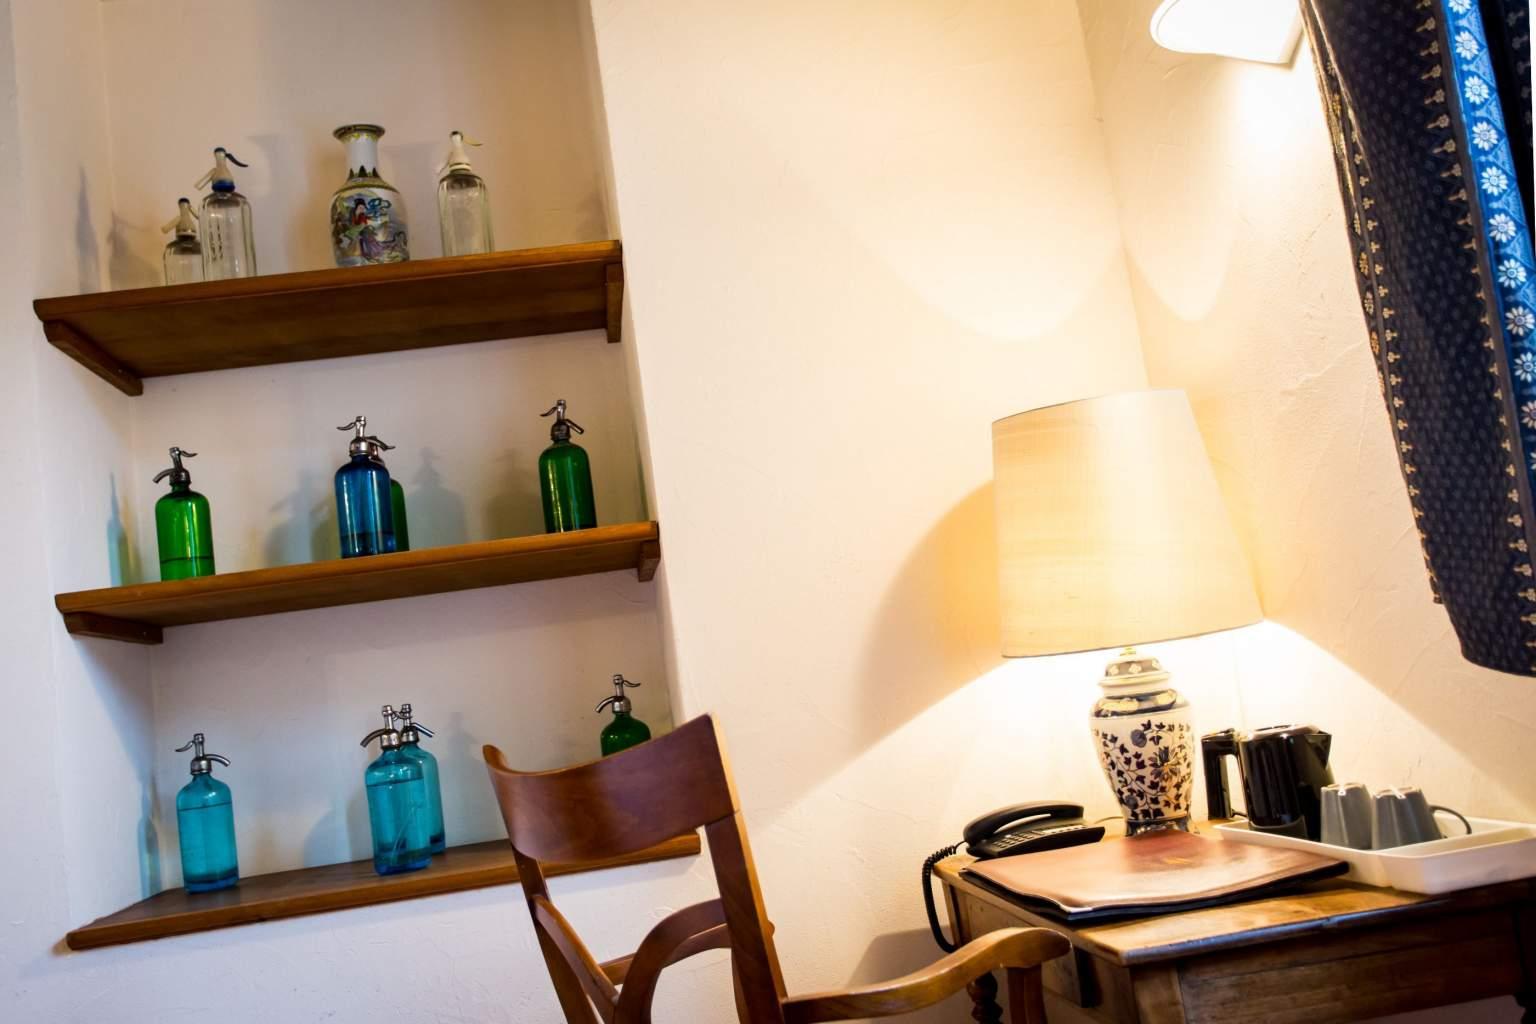 Galerie photos hôtel de charme bourgogne les ursulines autun